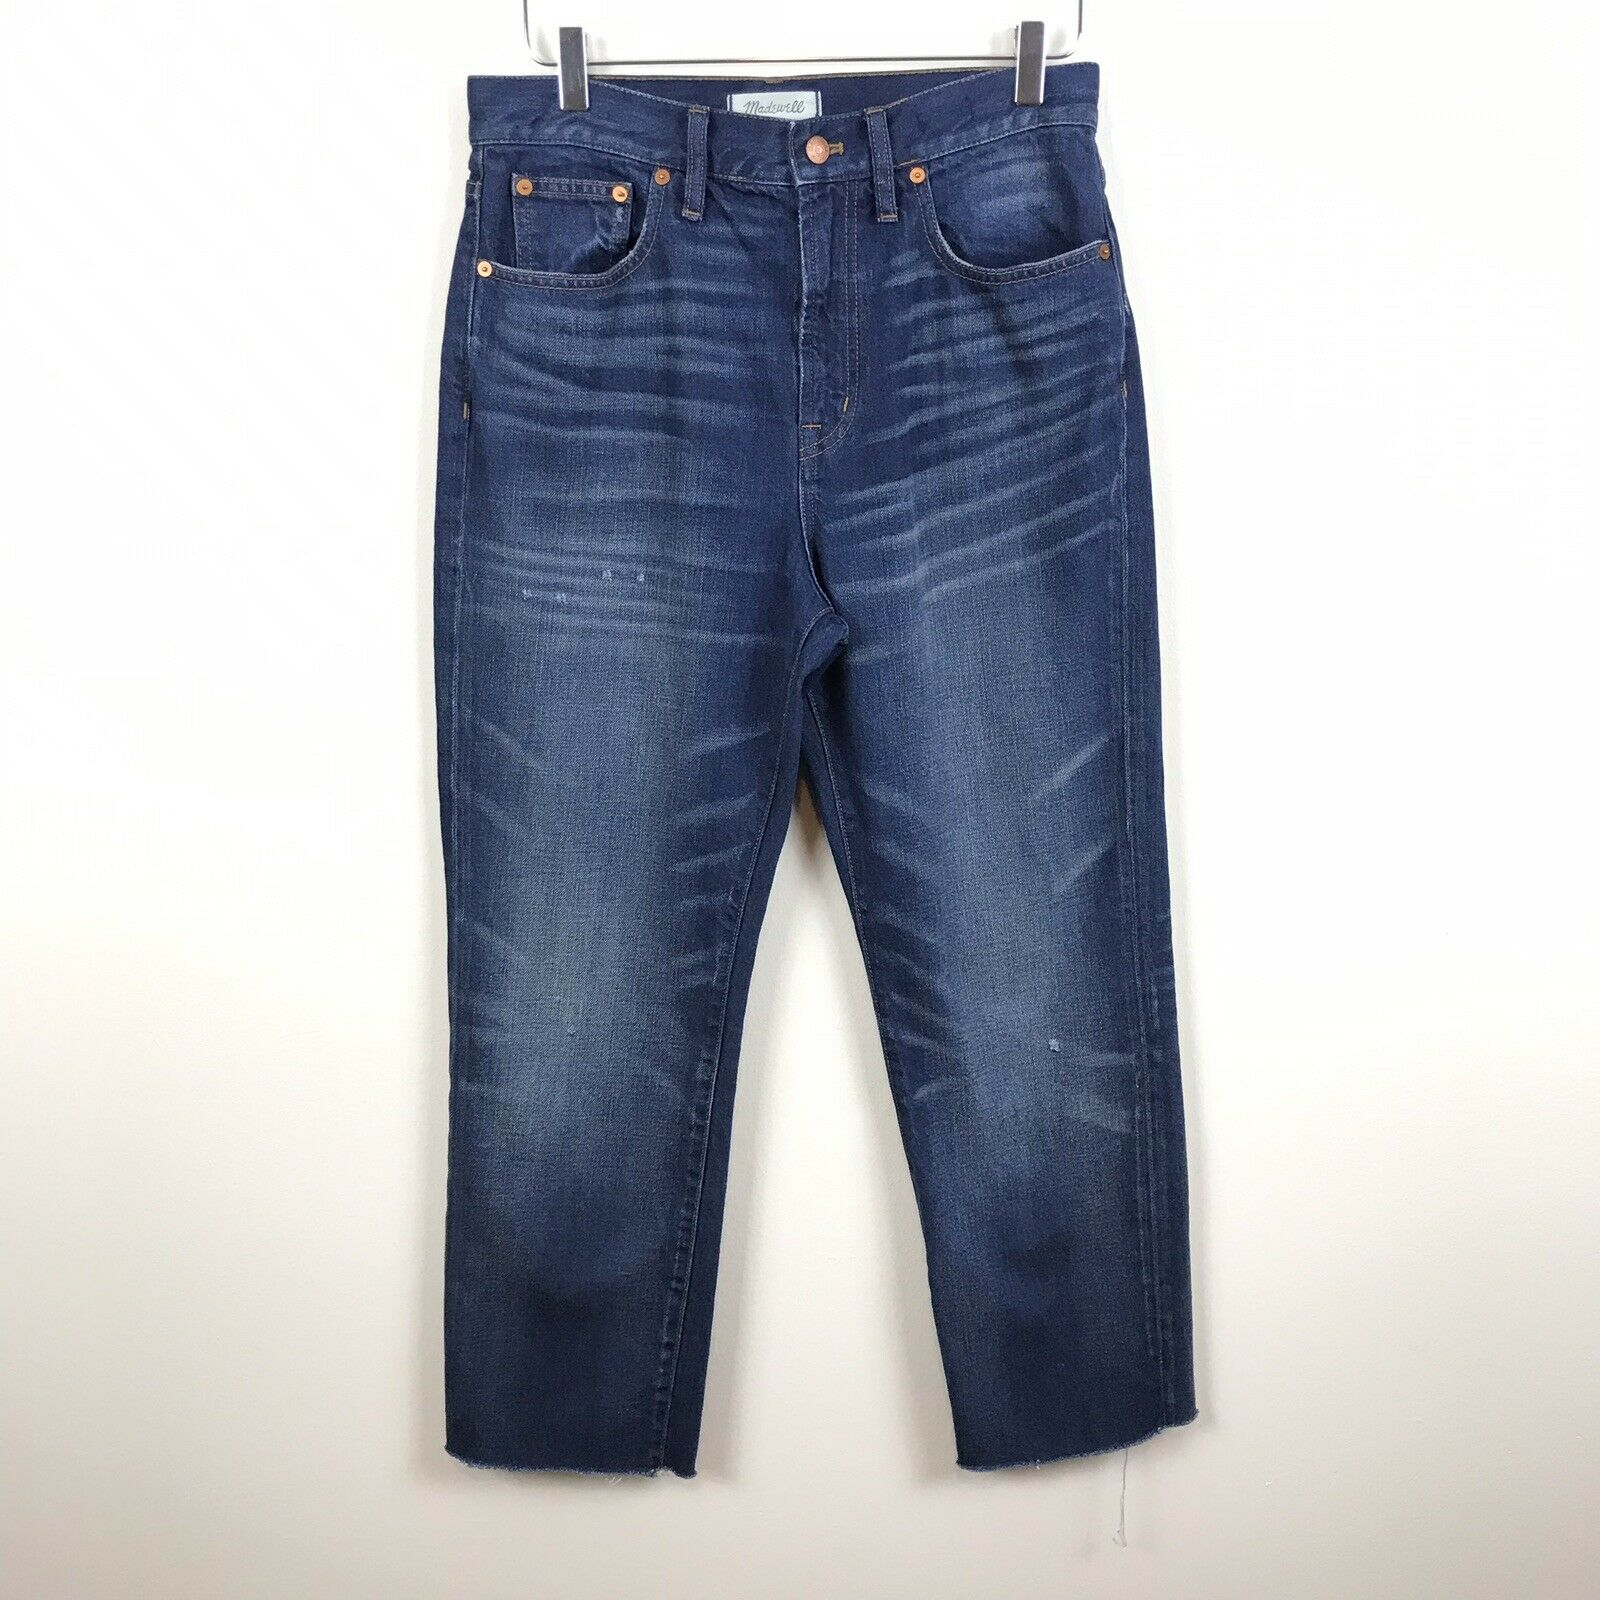 Madewell 29 in (environ 73.66 cm) Le Parfait Vintage jean foncé délavé Größe haute 100% coton B56